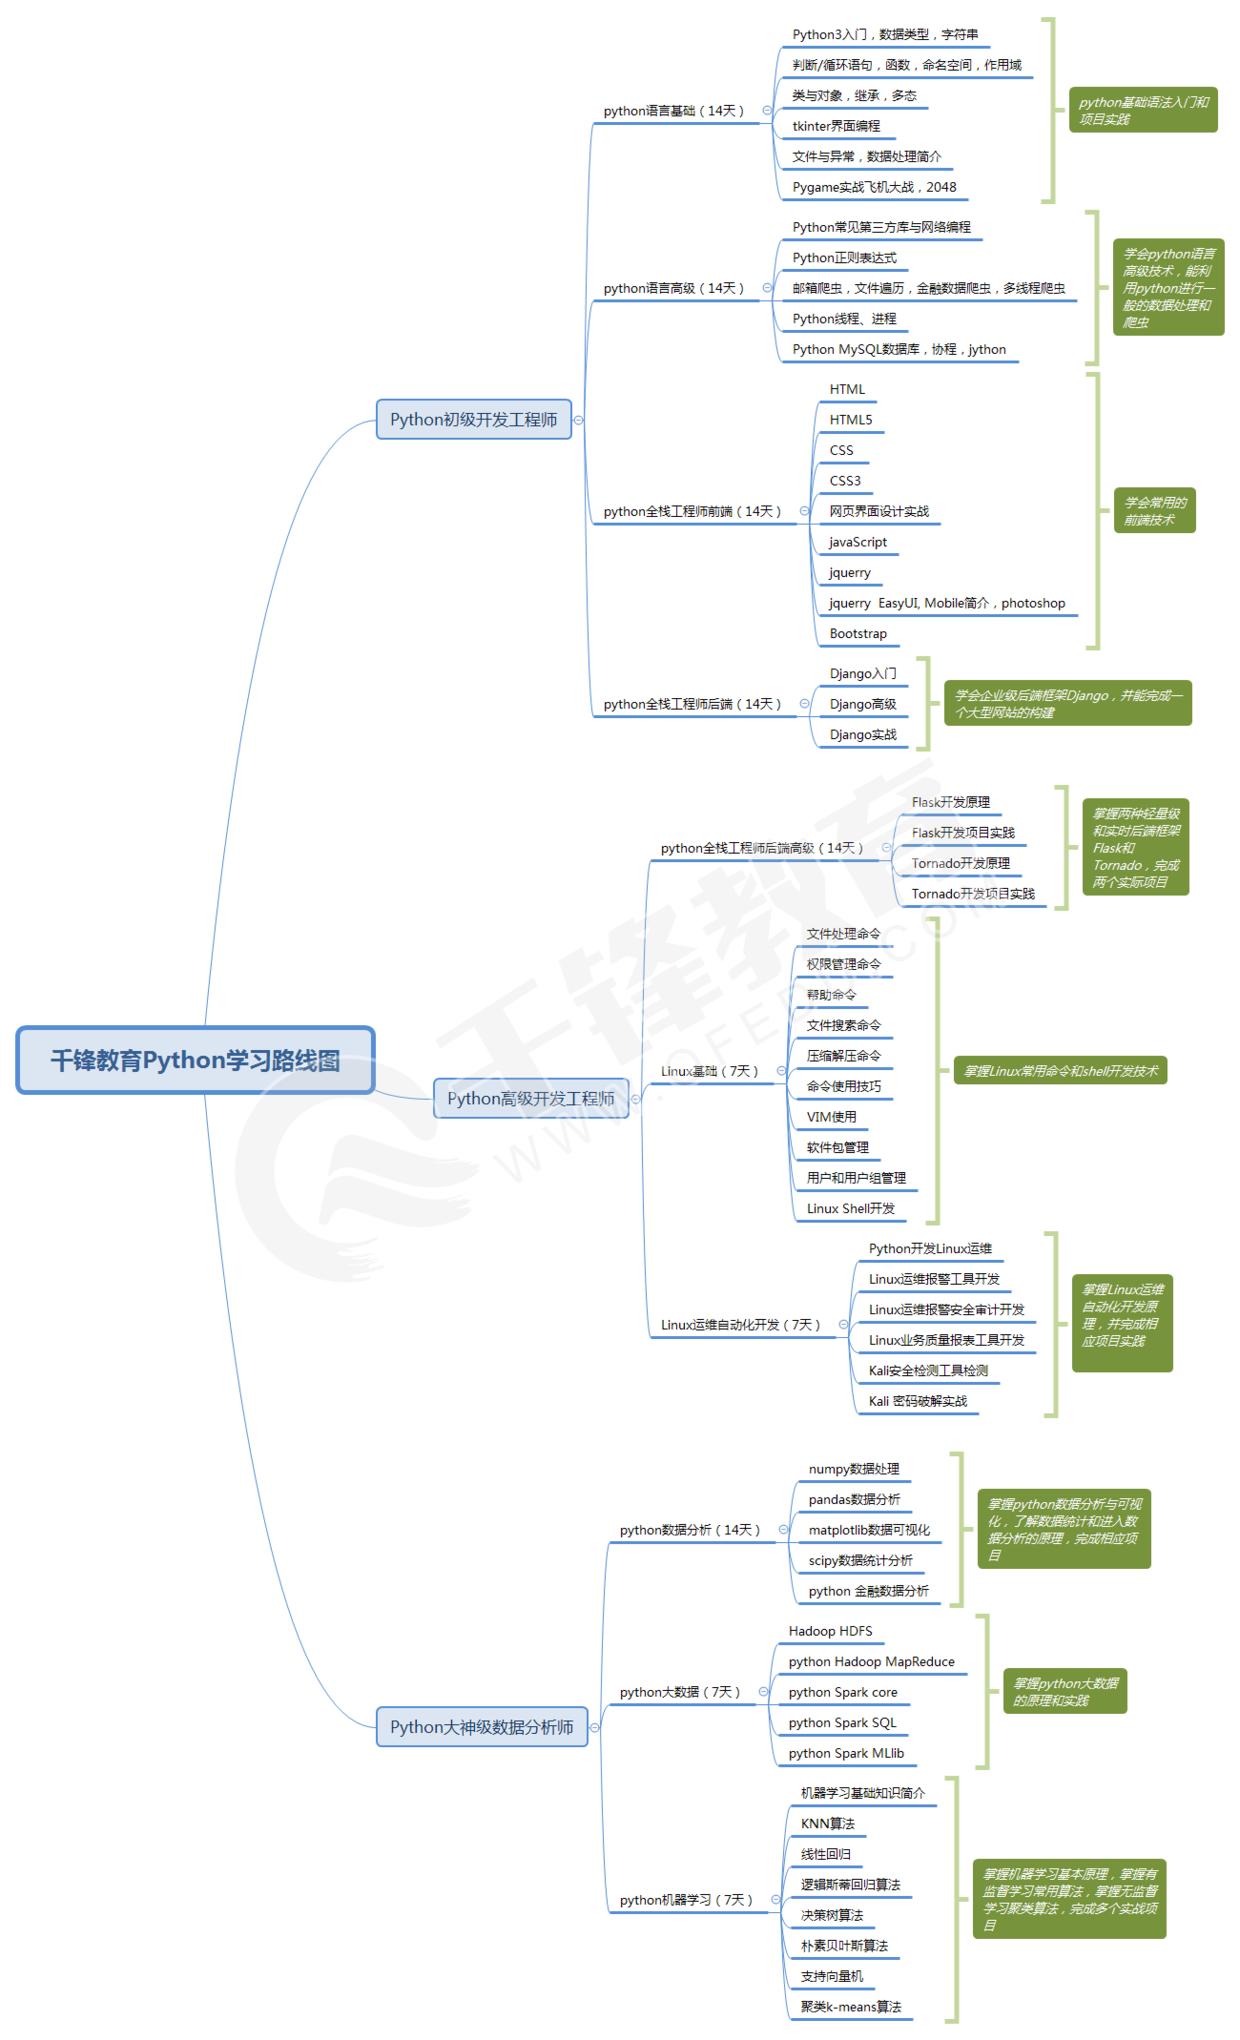 千锋教育python学习路线图